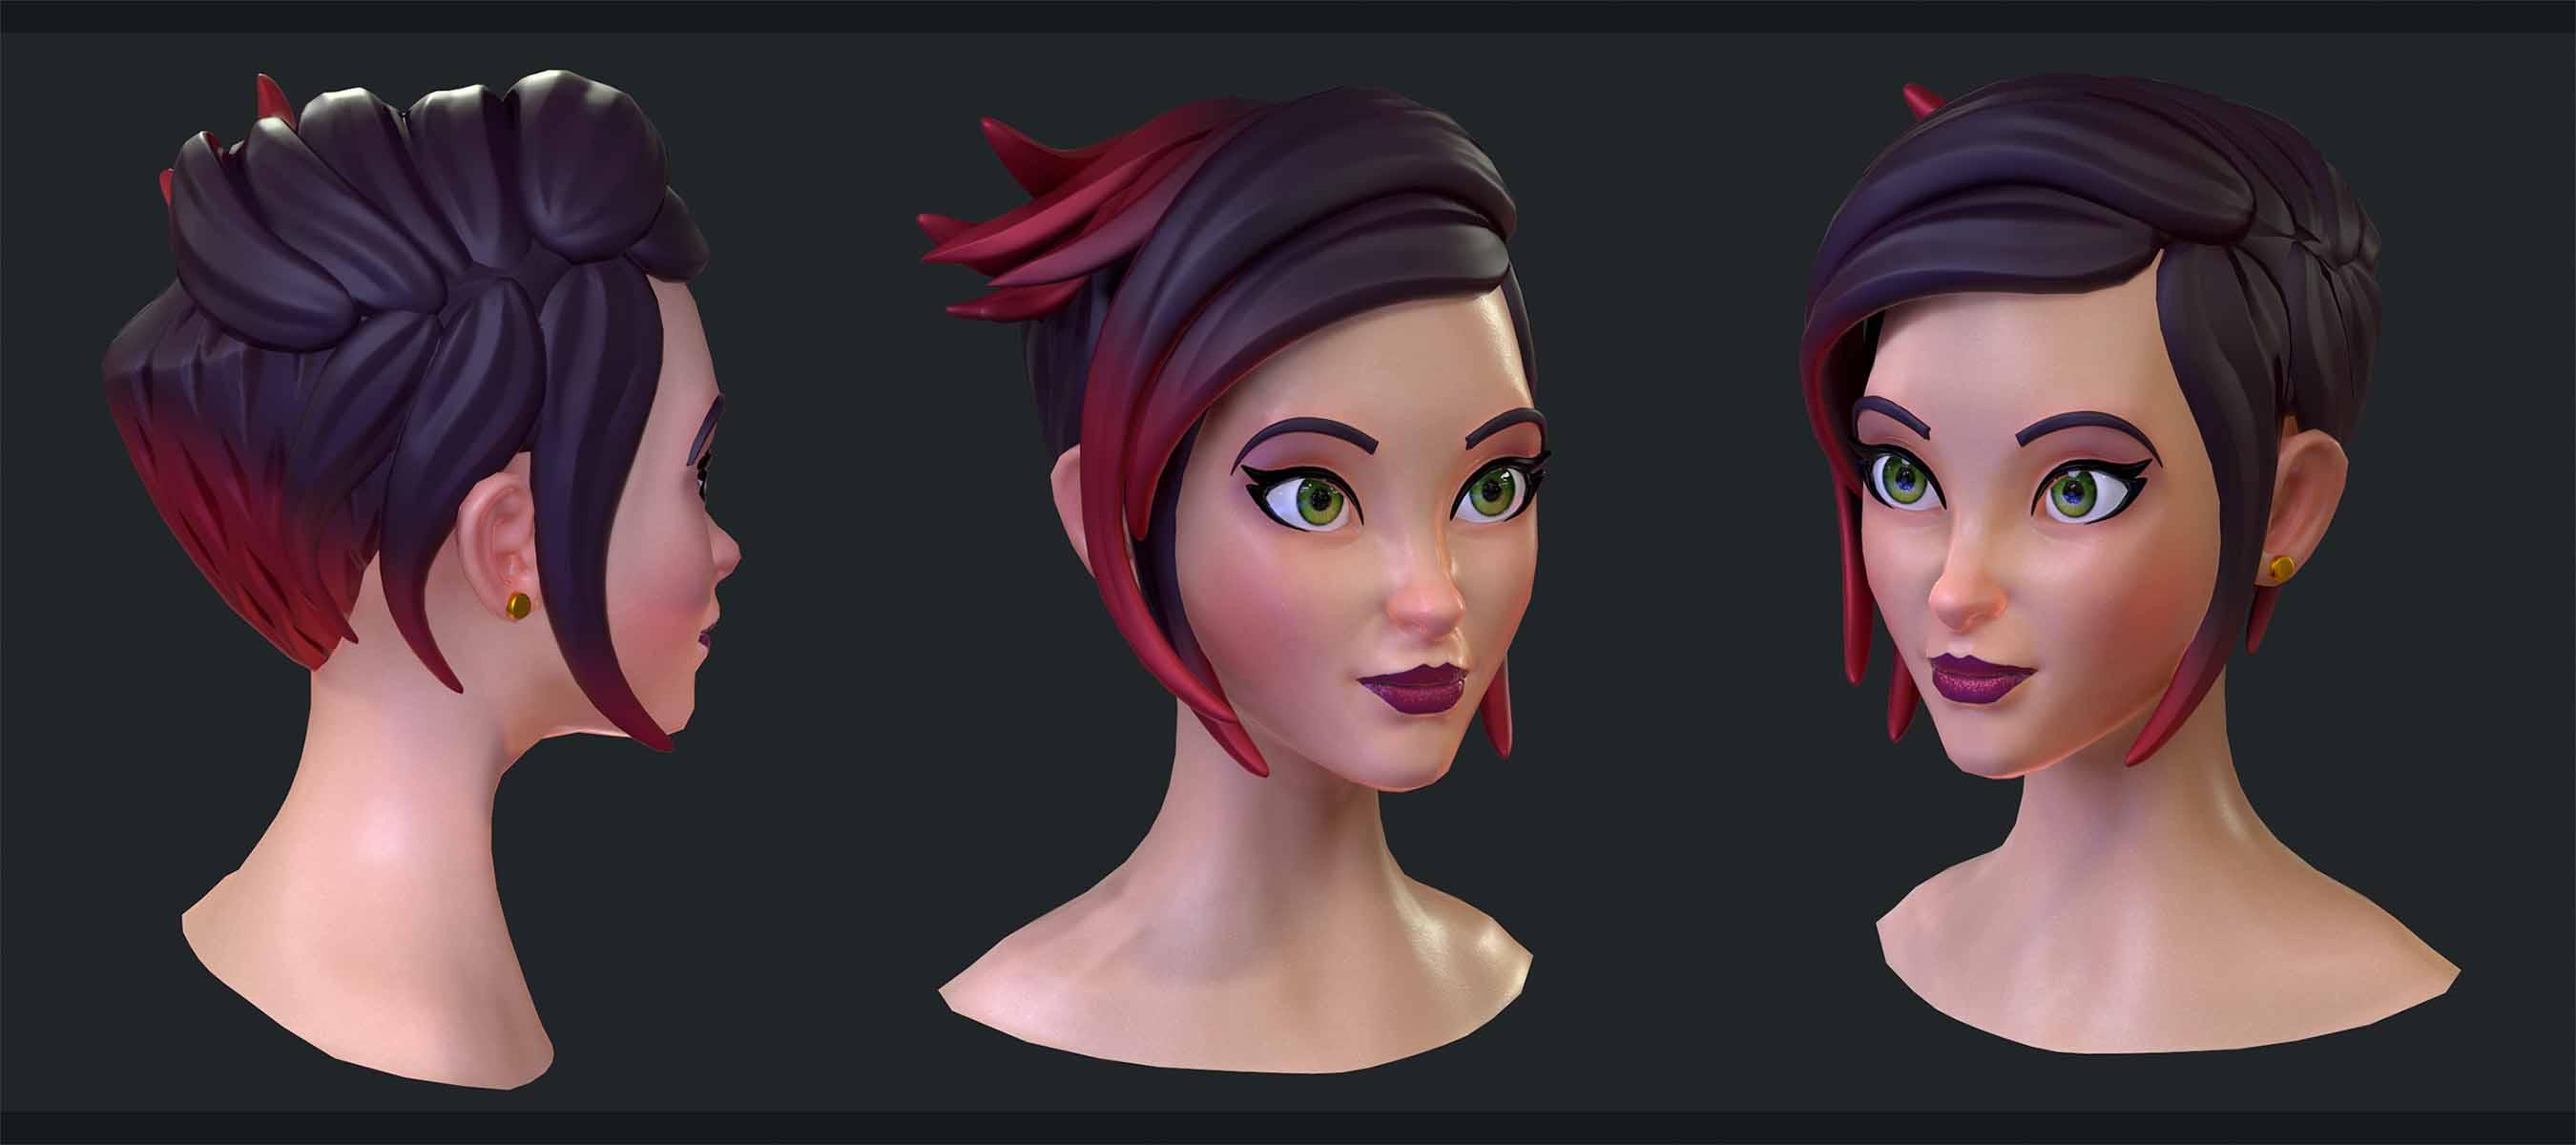 w1 | 3D 2D Artist.Game Low-poly,sculpting (Персонажи,окружение и тд)